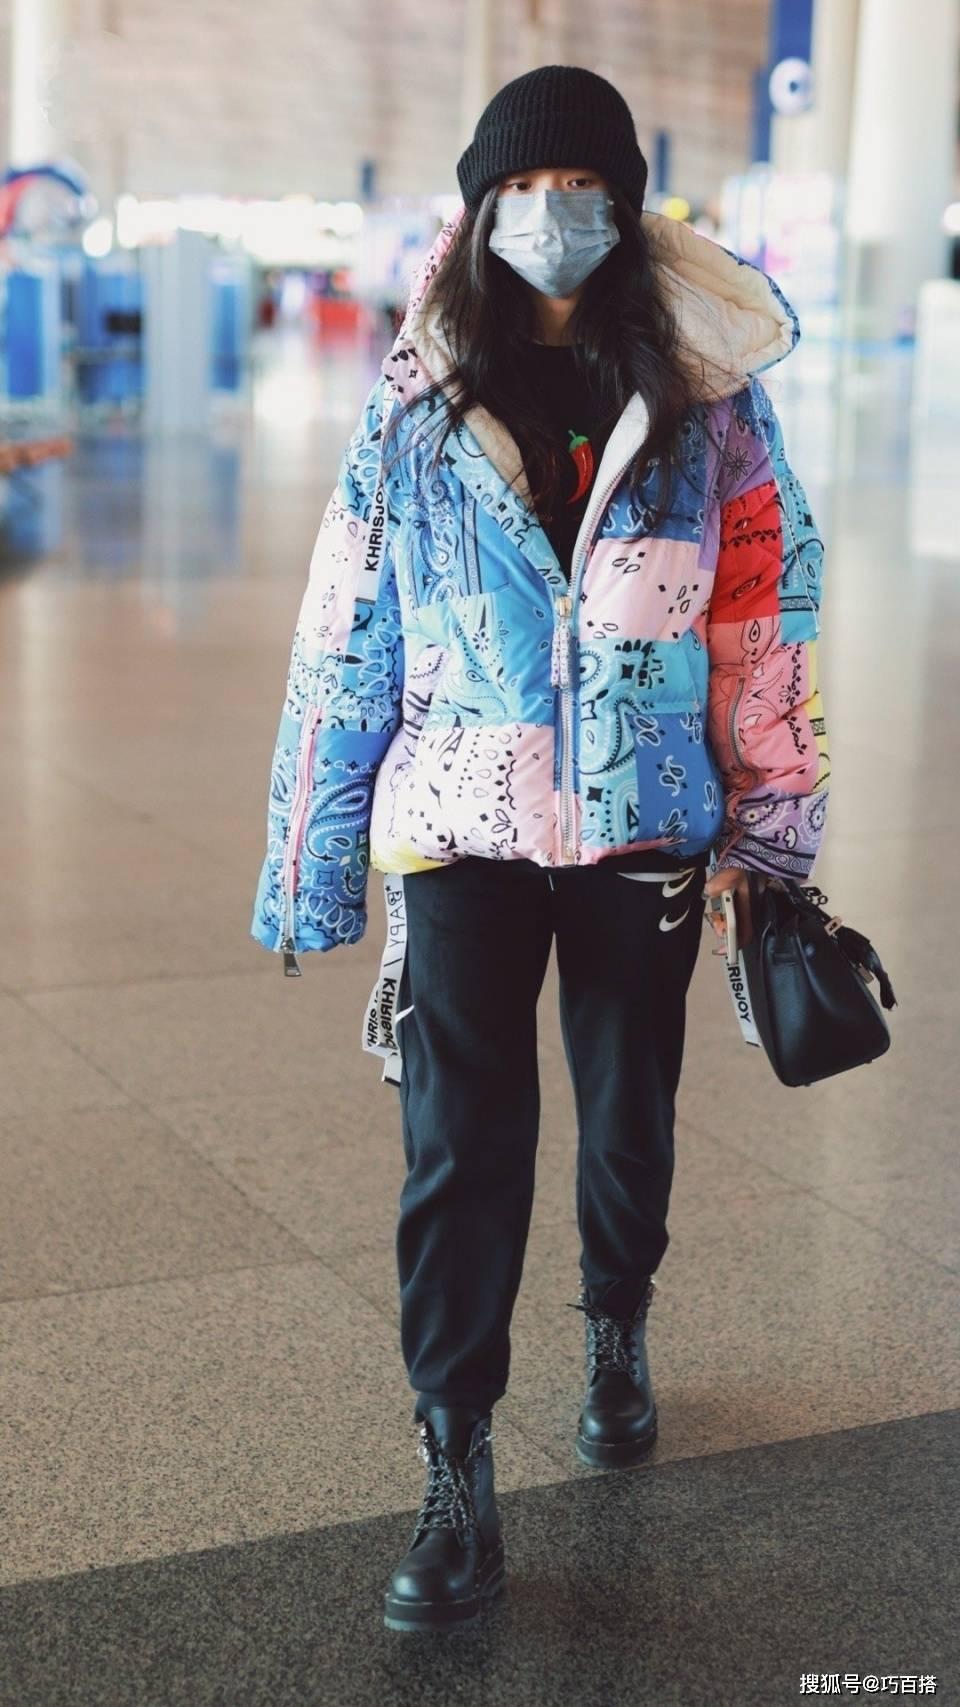 盘点林允今年穿过的羽绒服,花哨是本色,时尚魅力更是直击心灵